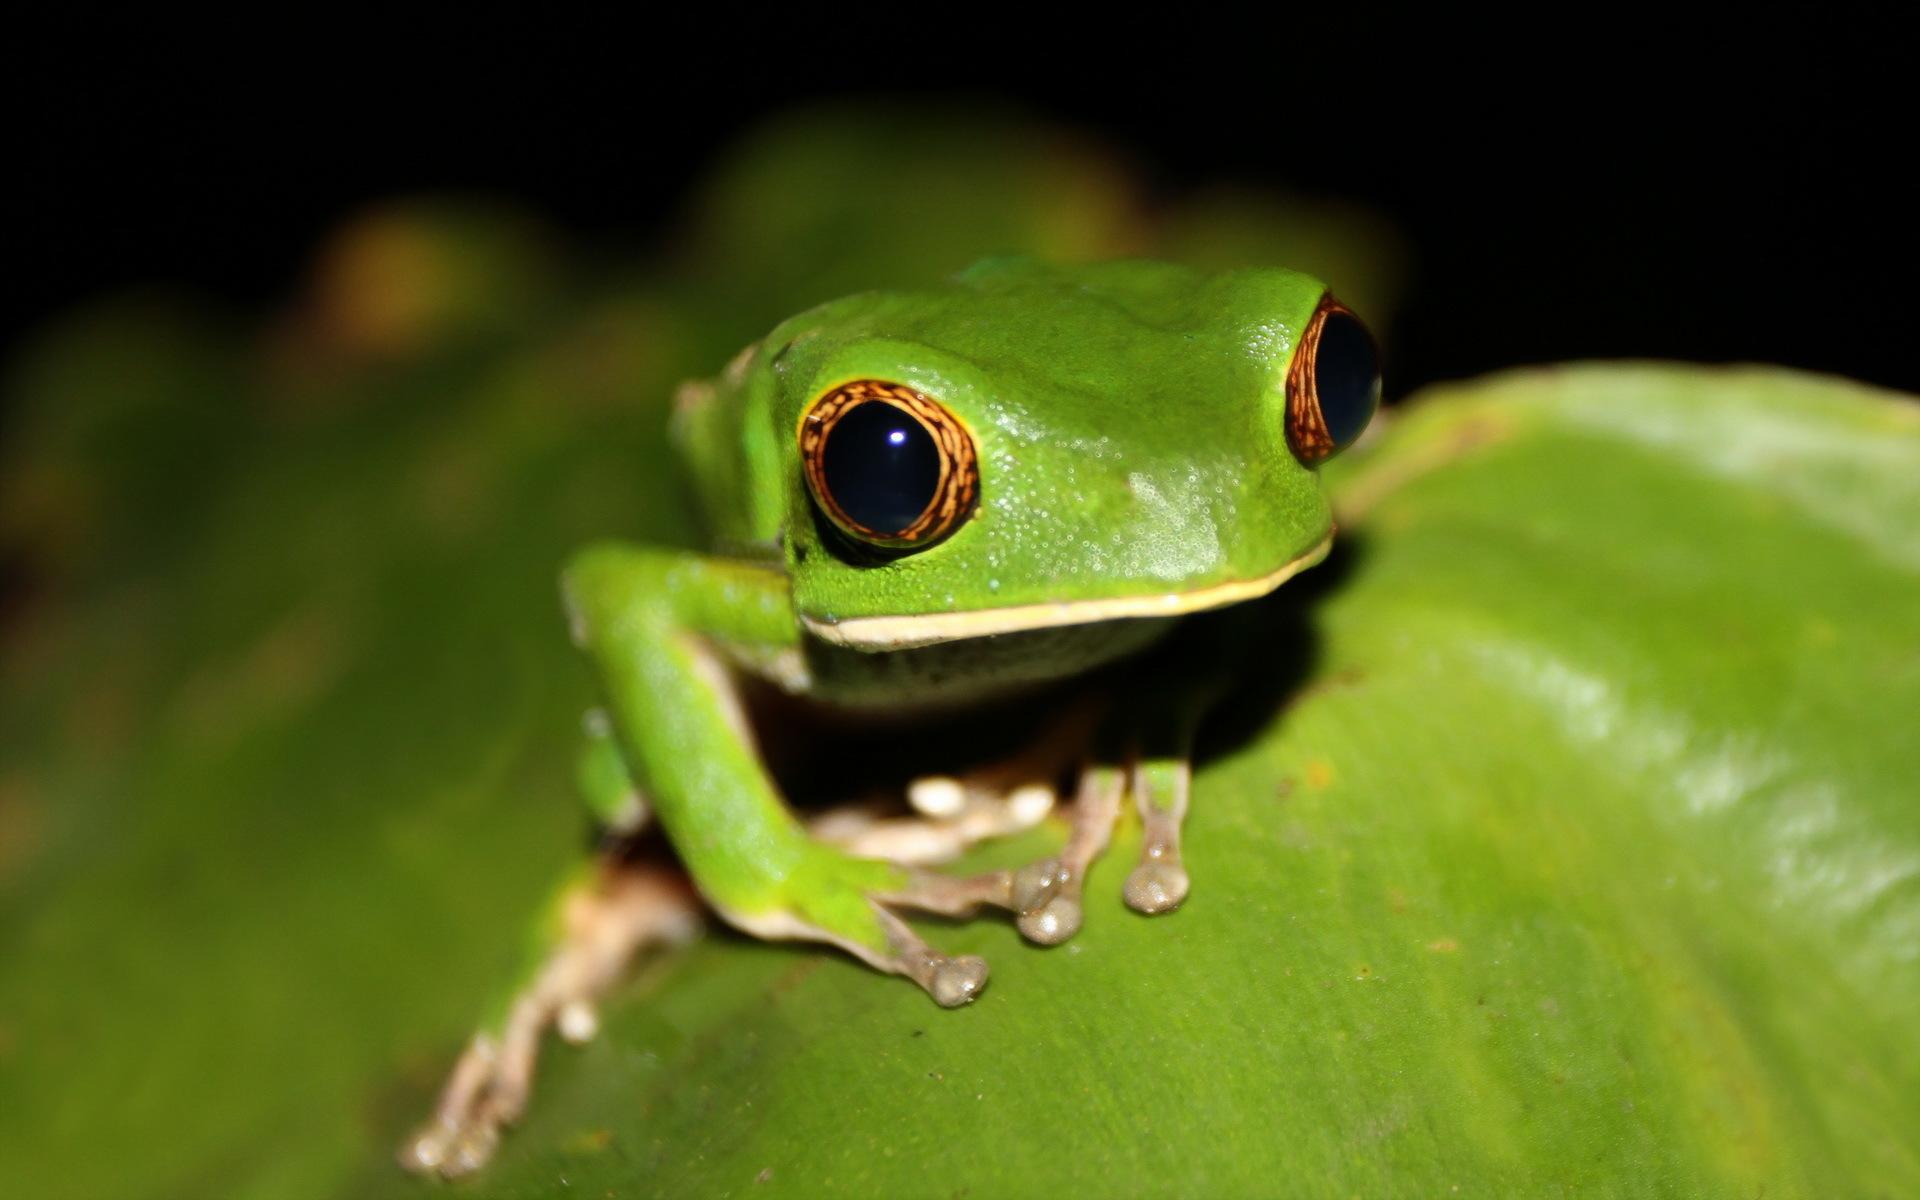 壁紙 カエル 目 緑 動物 ダウンロード 写真